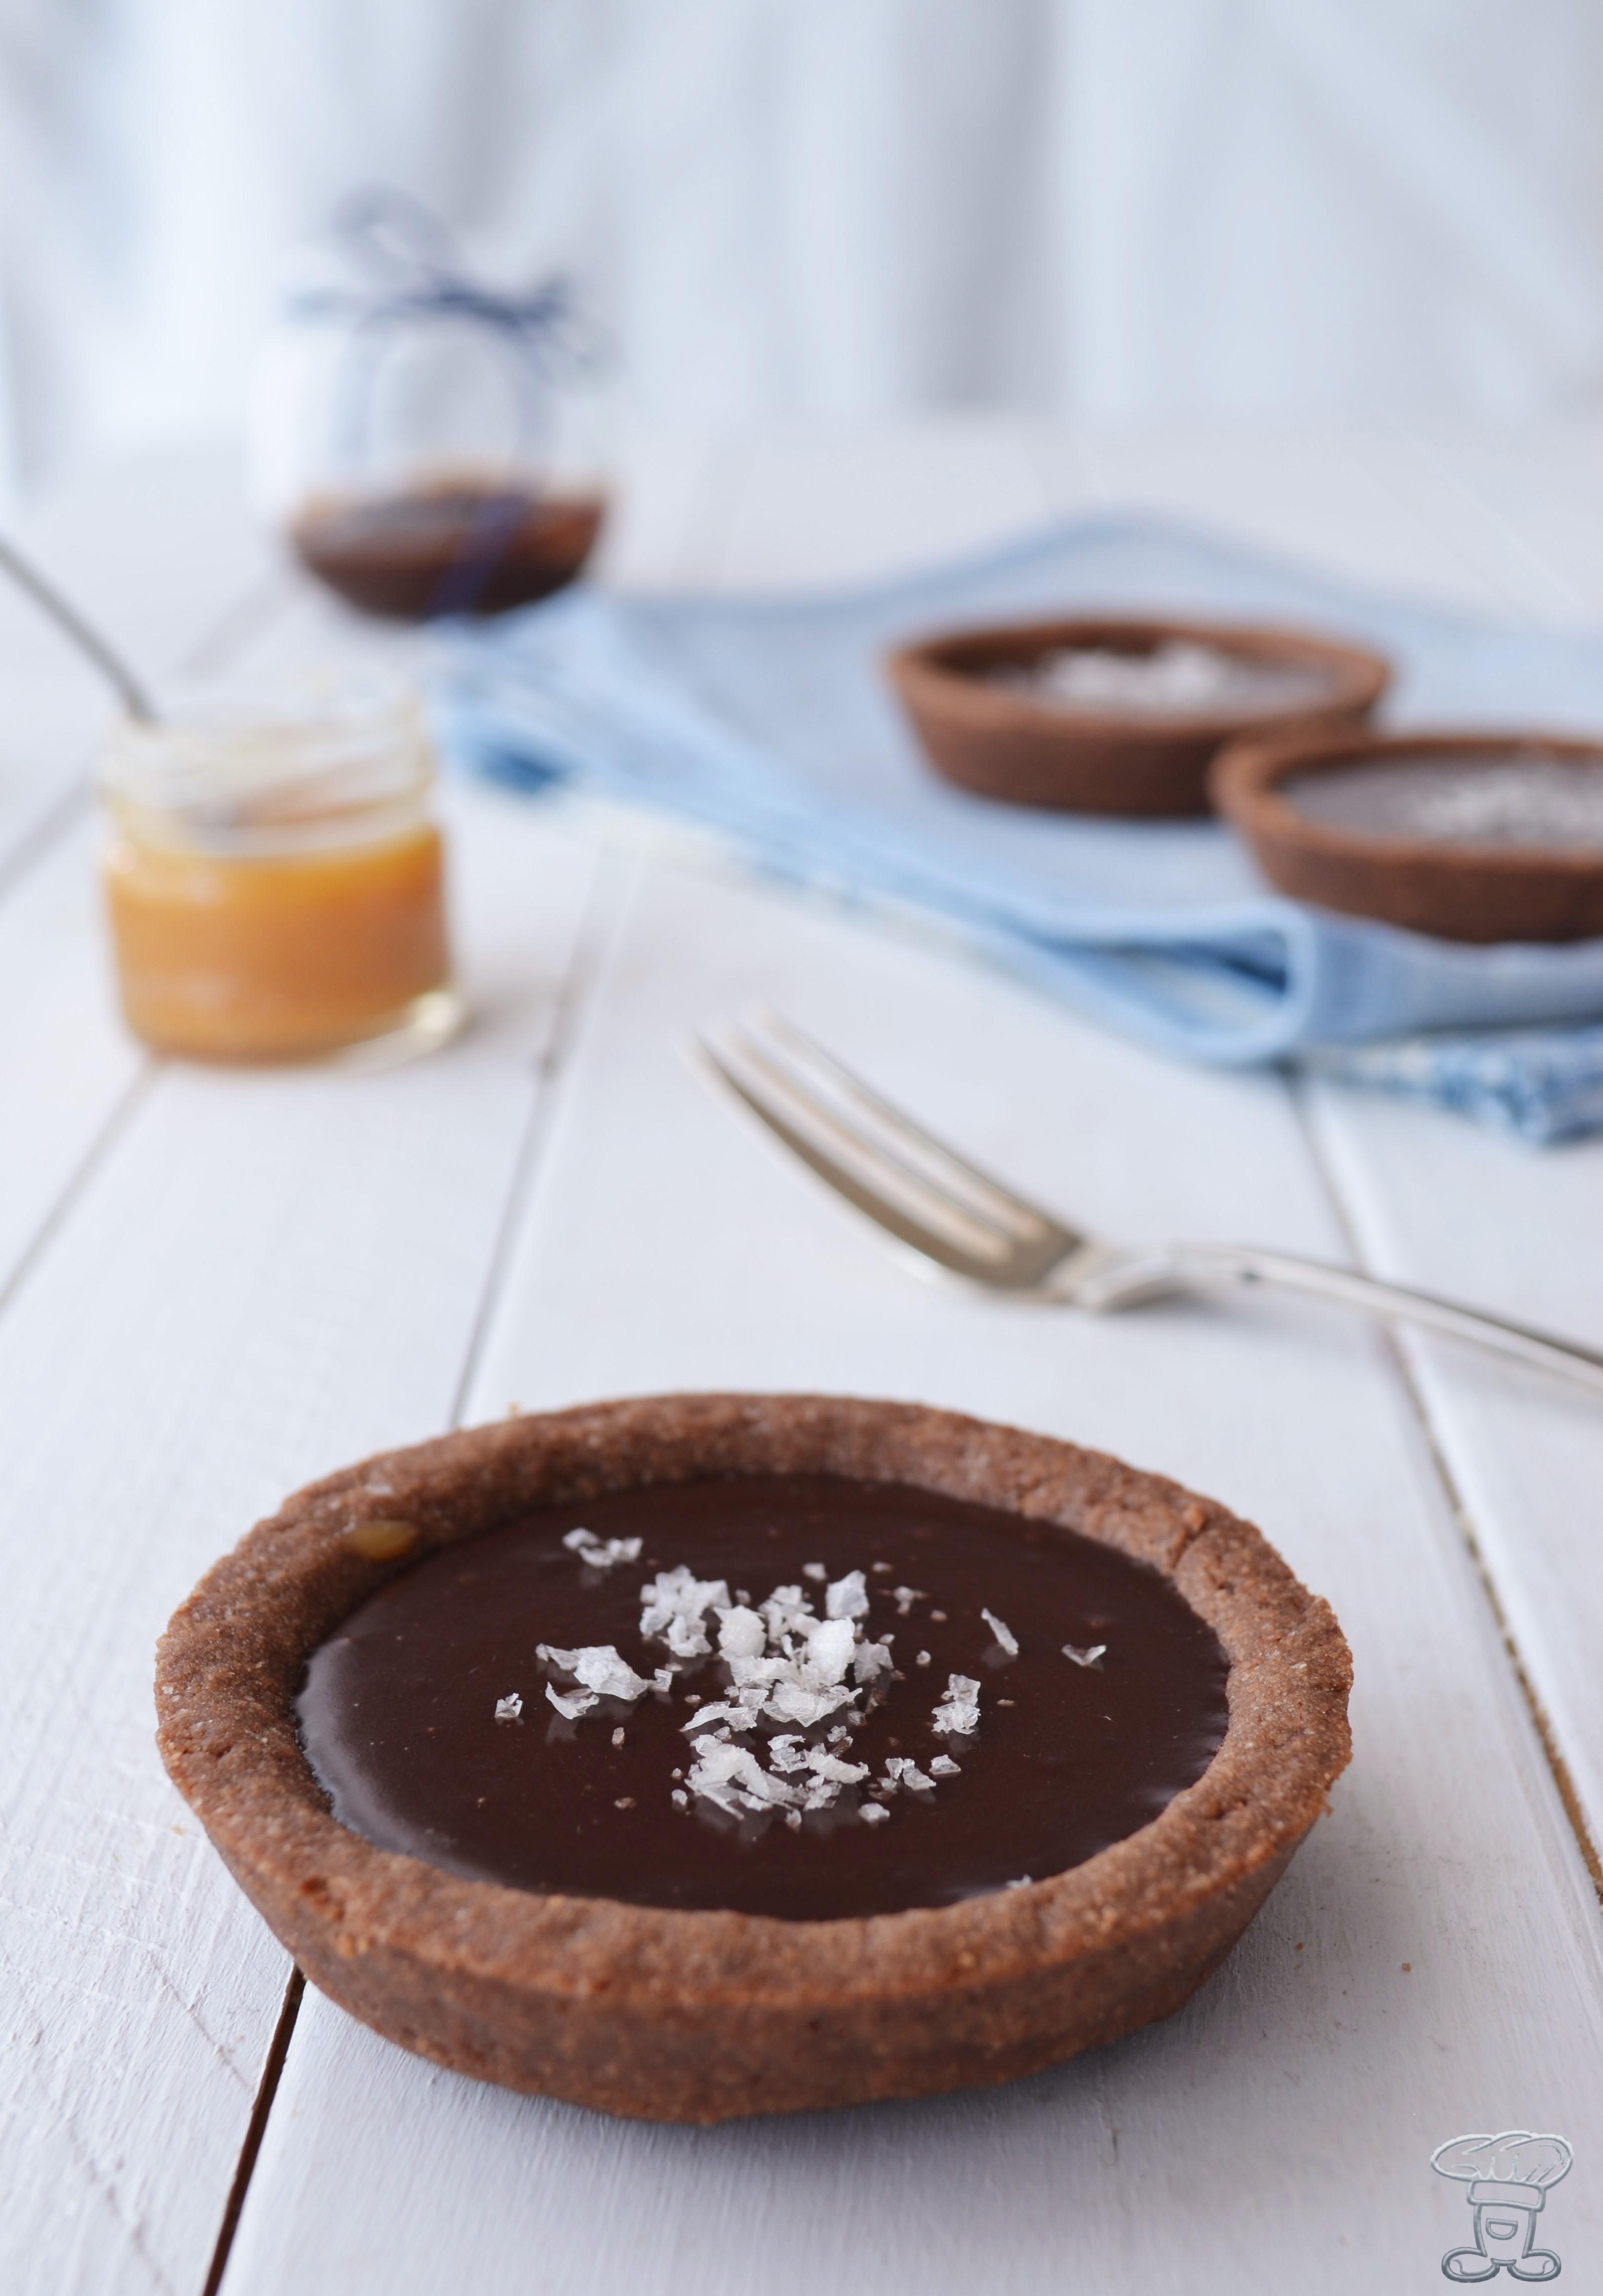 dsc_0267 Tartellettes al caramello salato e cioccolato fondente